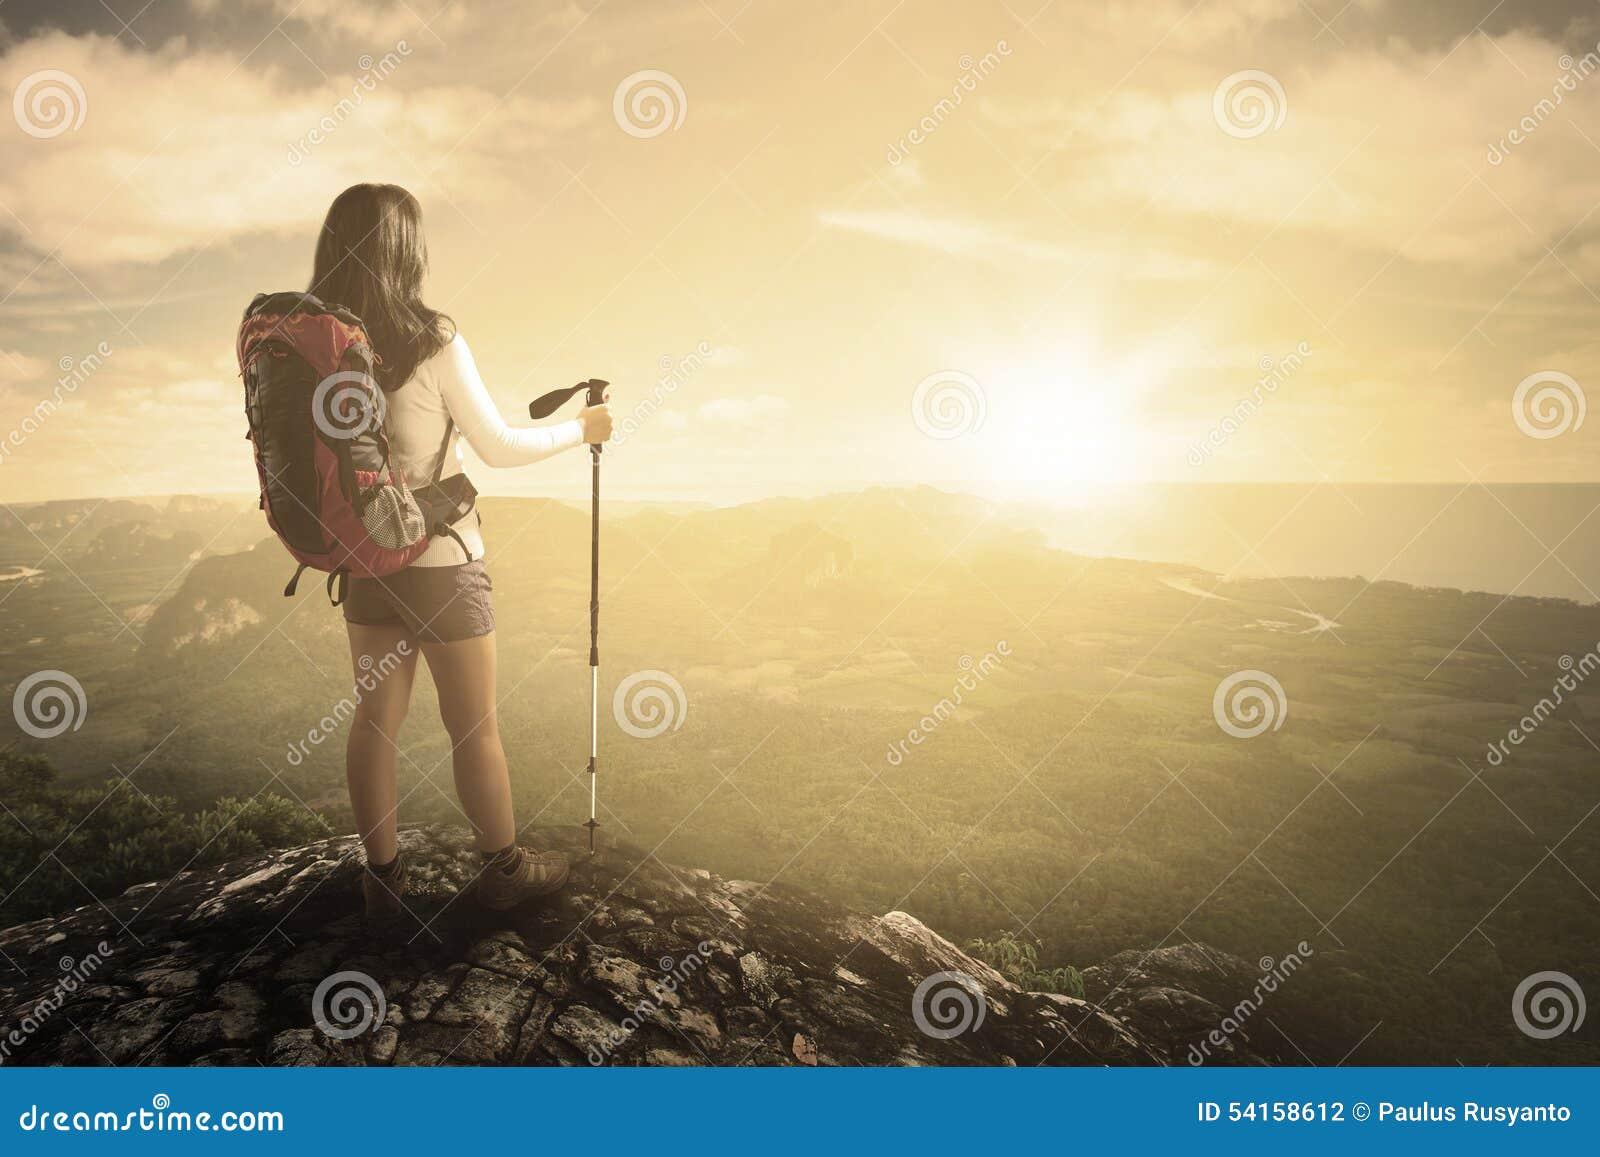 Wandelaar met stok op berg